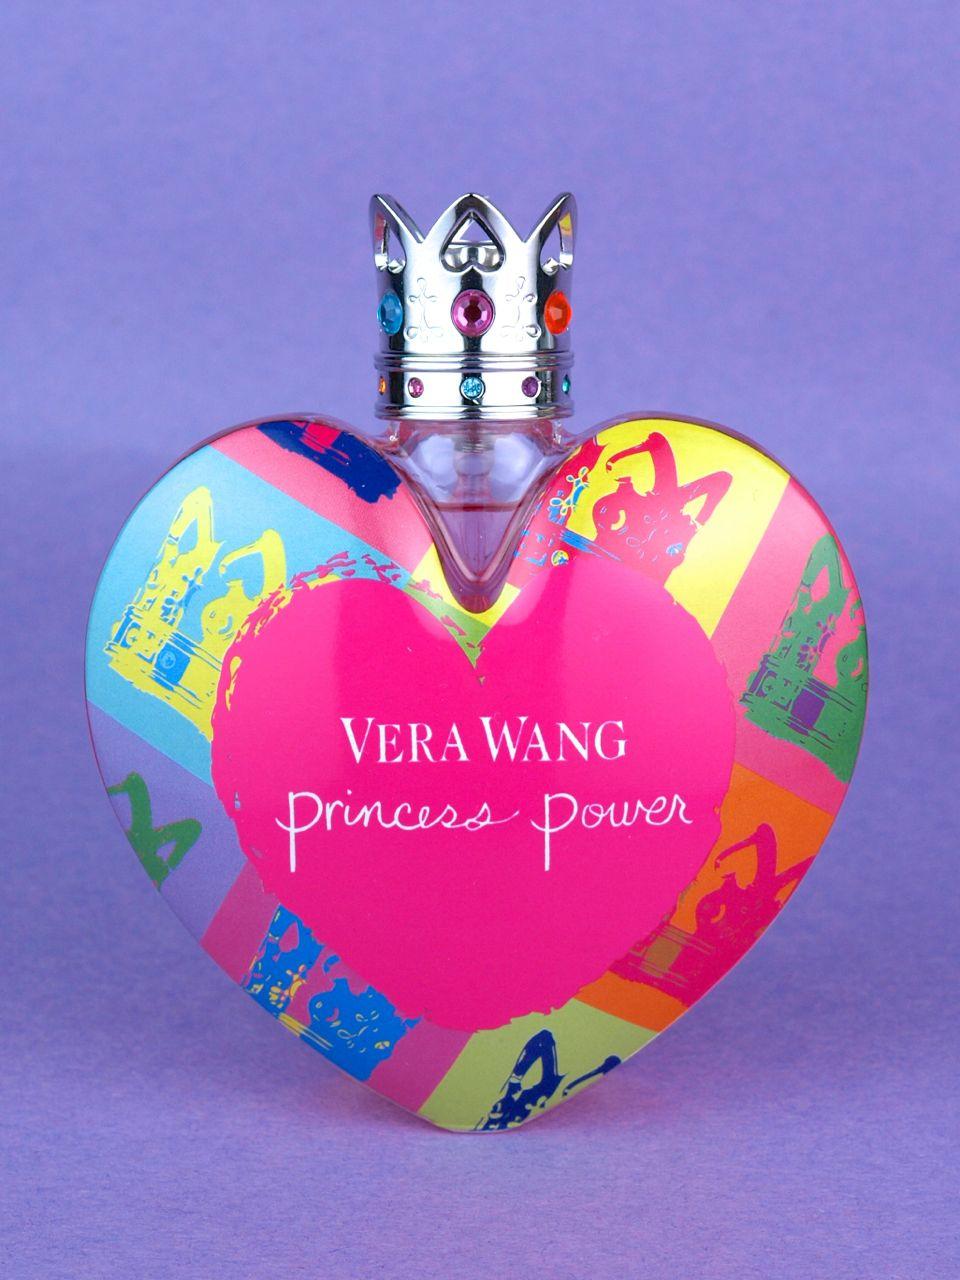 Vera Wang Princess Power Eau de Toilette Spray: Review